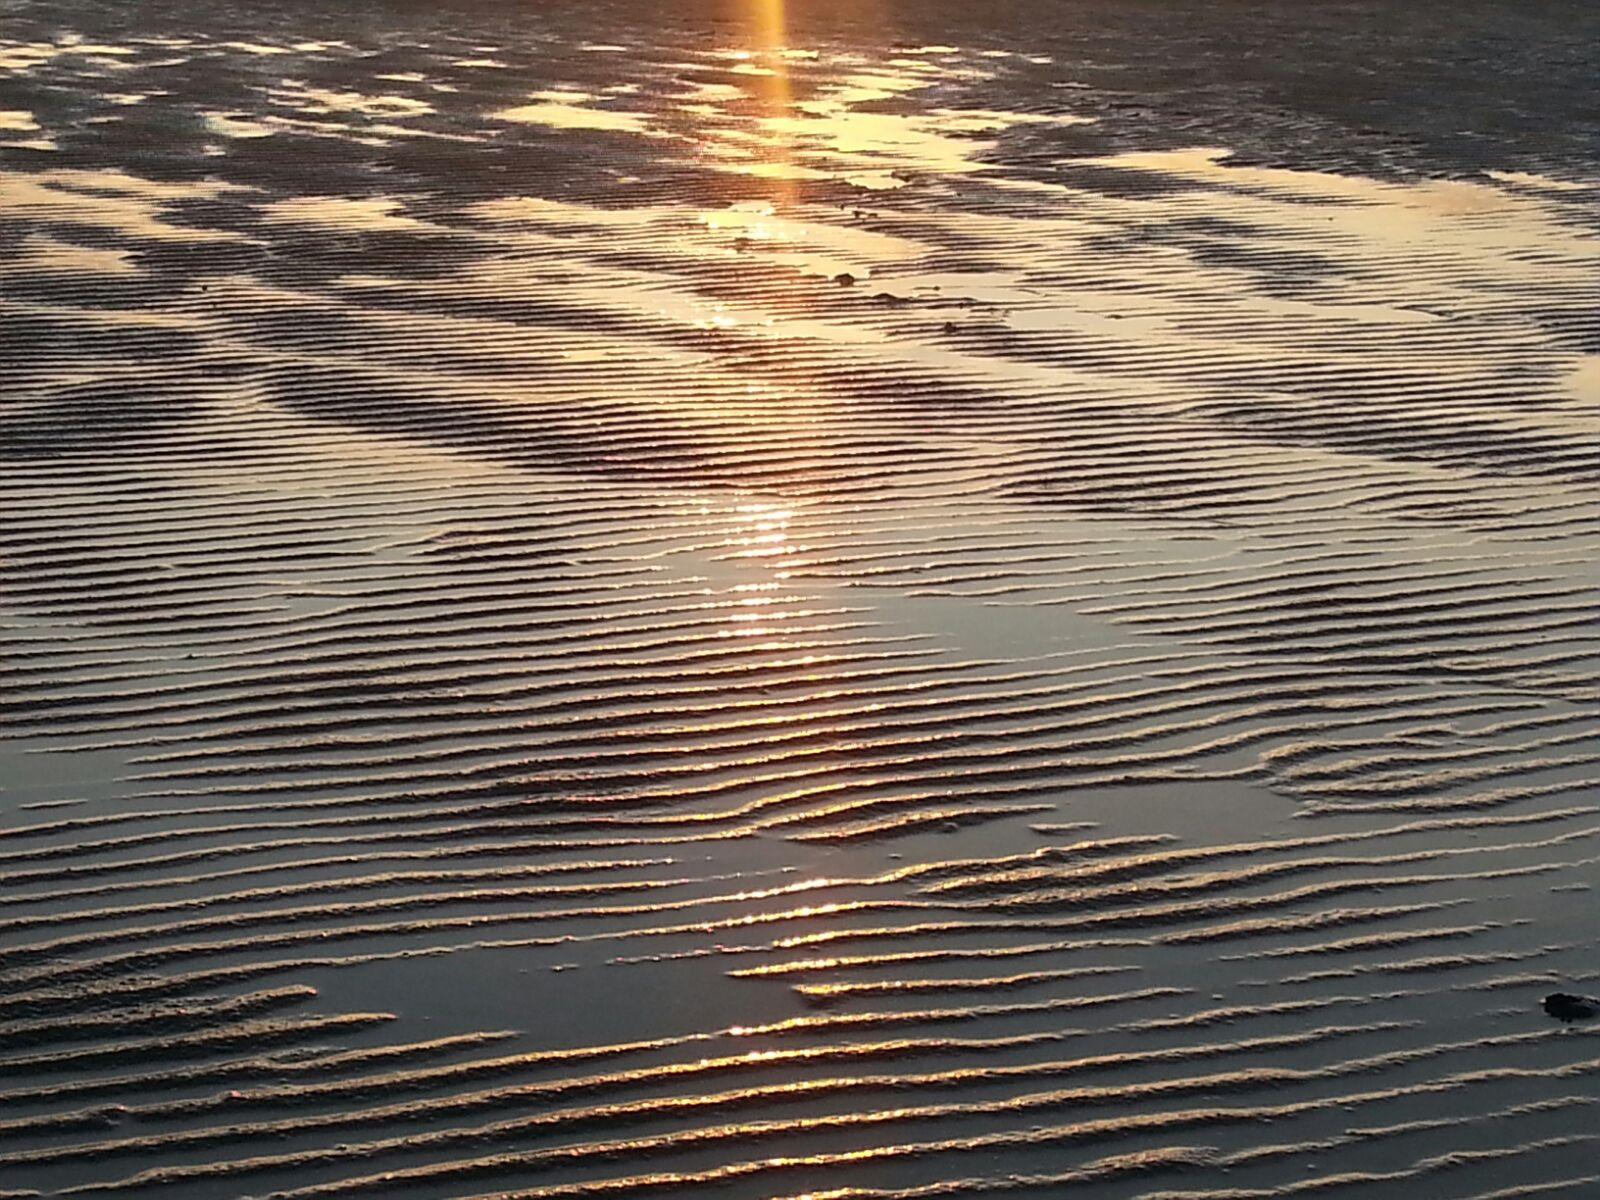 sea sun sand trust Vertrauen Risiko Erleichterung relief risk